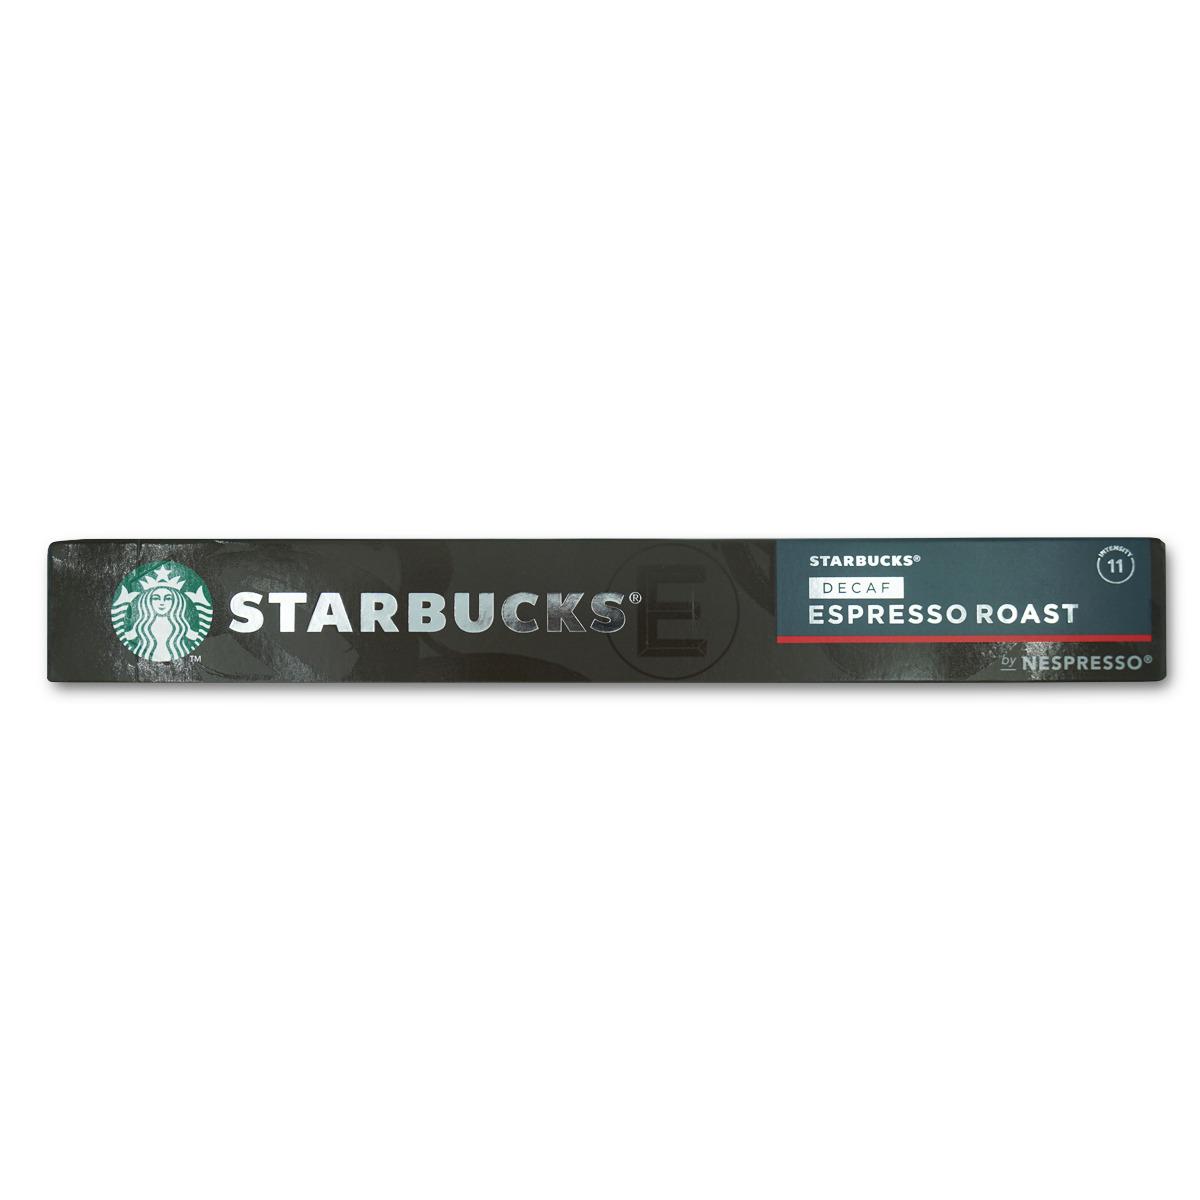 Starbucks Nespresso Espresso Decaf. 10 Kap.